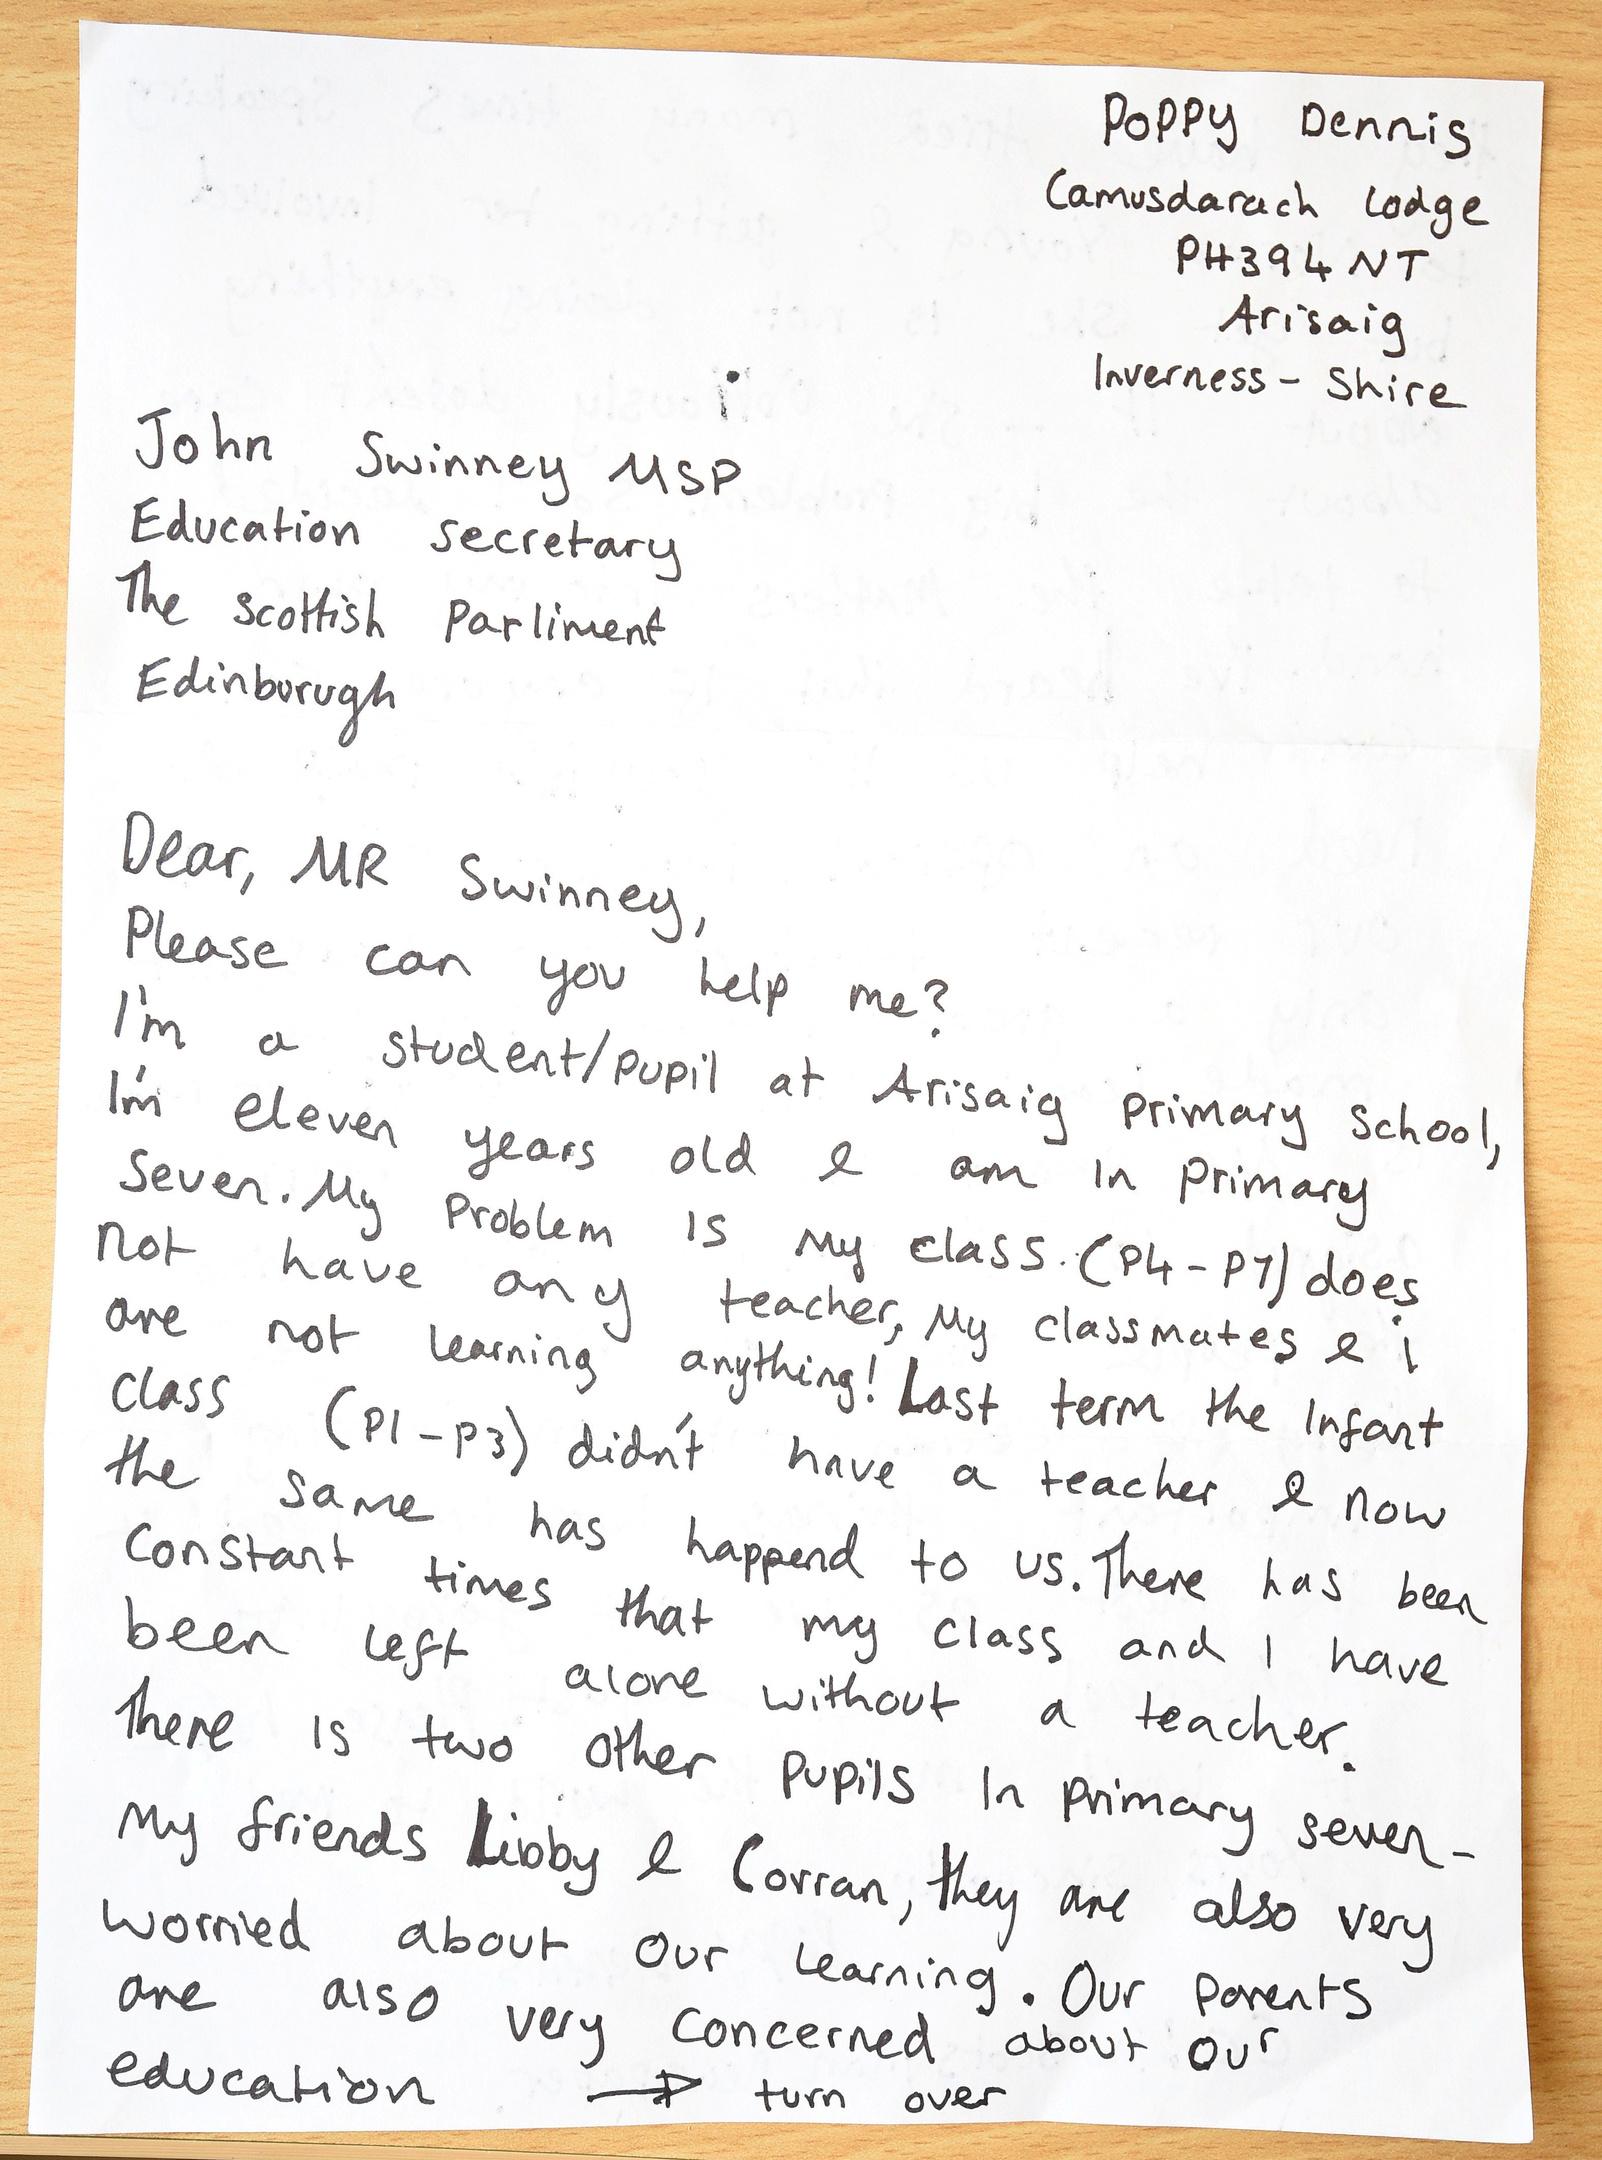 Dear Mr Swinney Please Can You Help Me School Girl Writes Letter